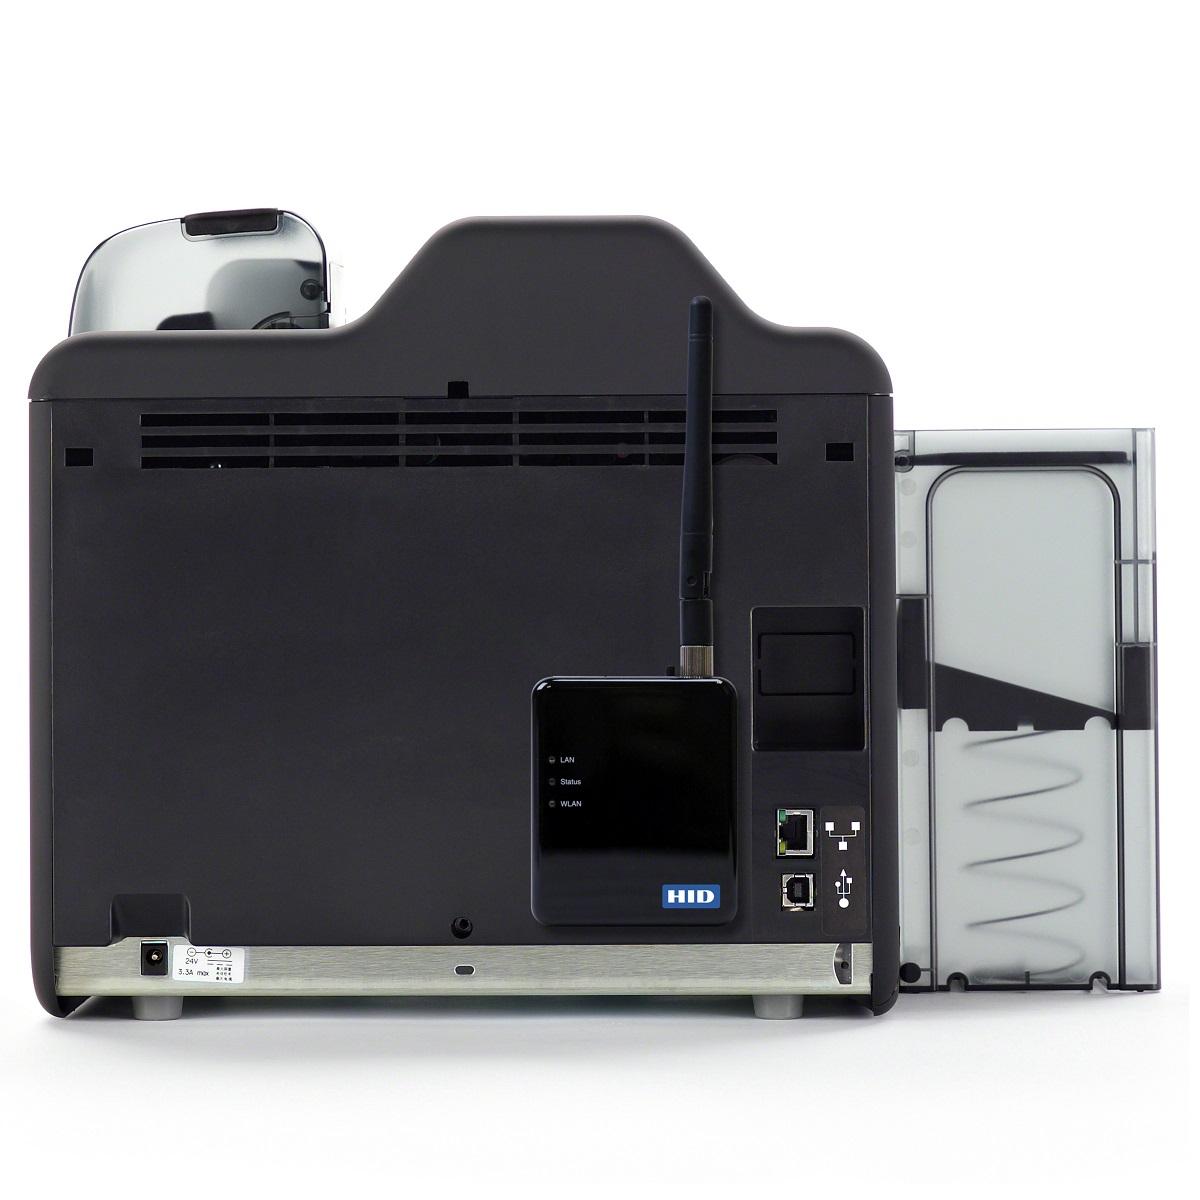 093600 fargo hdp5600 high def id card printer single sided 600 dpi